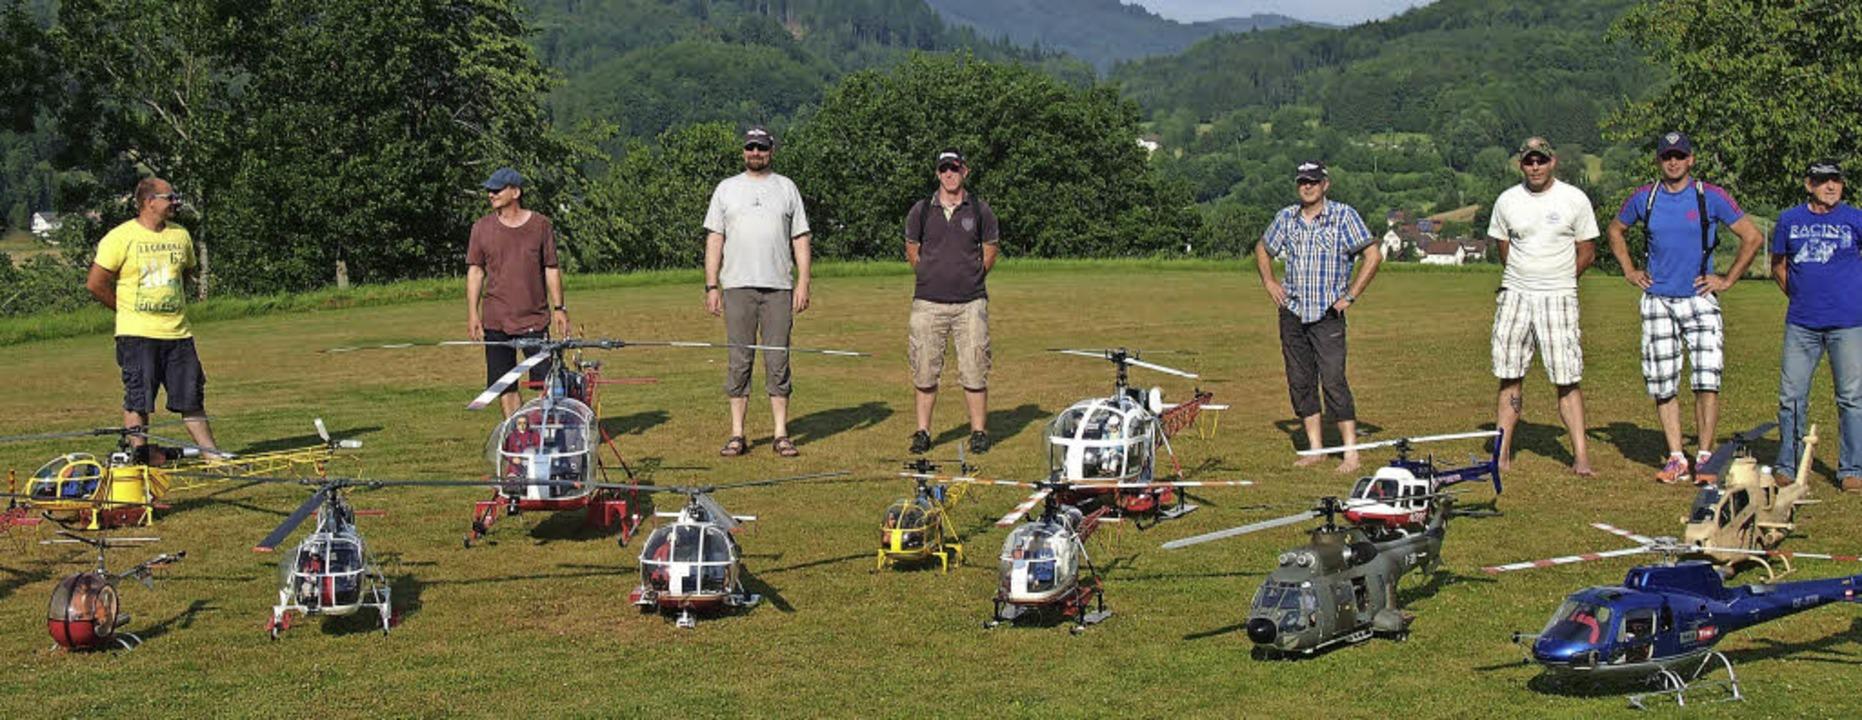 Eifern ihren großen Vorbildern detailg...Modellpiloten beim Flugtag in Wieslet   | Foto: gabriele poppen